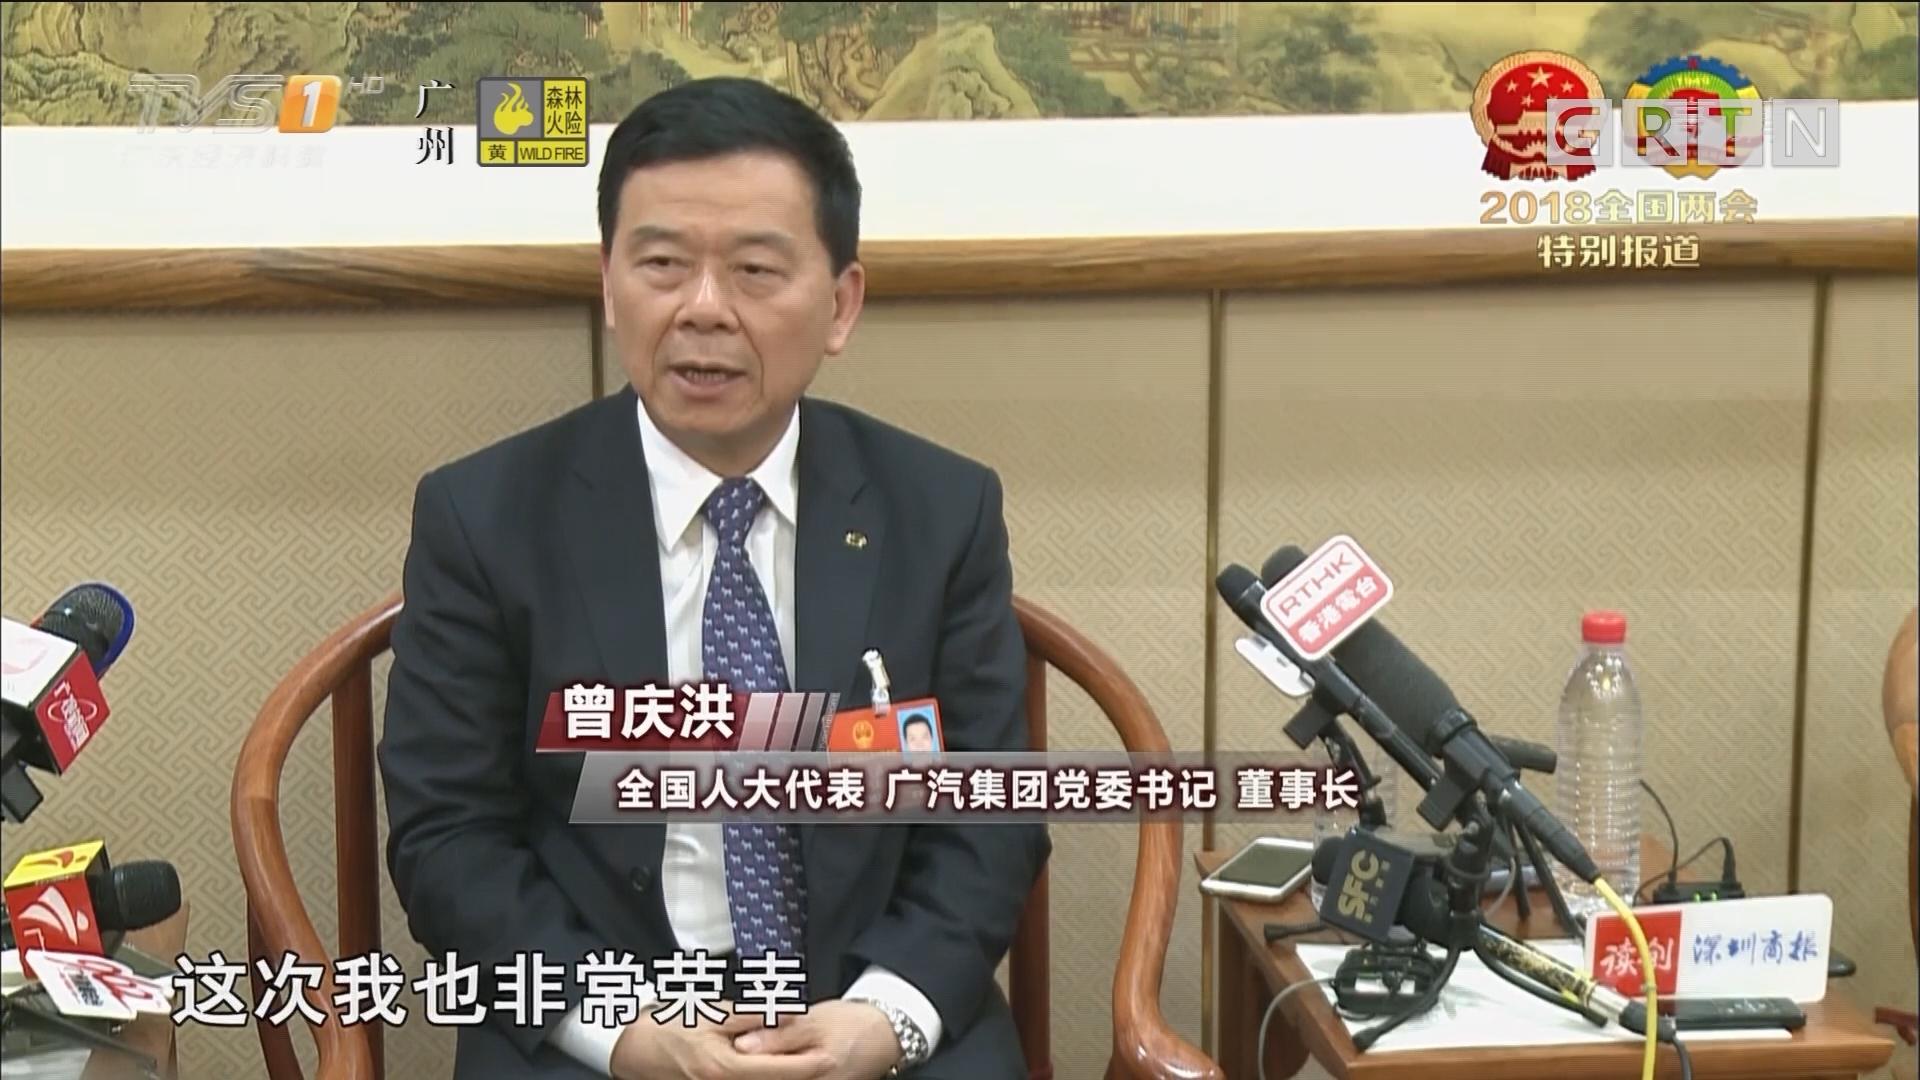 对话全国人大代表曾庆洪:落实总书记讲话精神 做好创新驱动发展